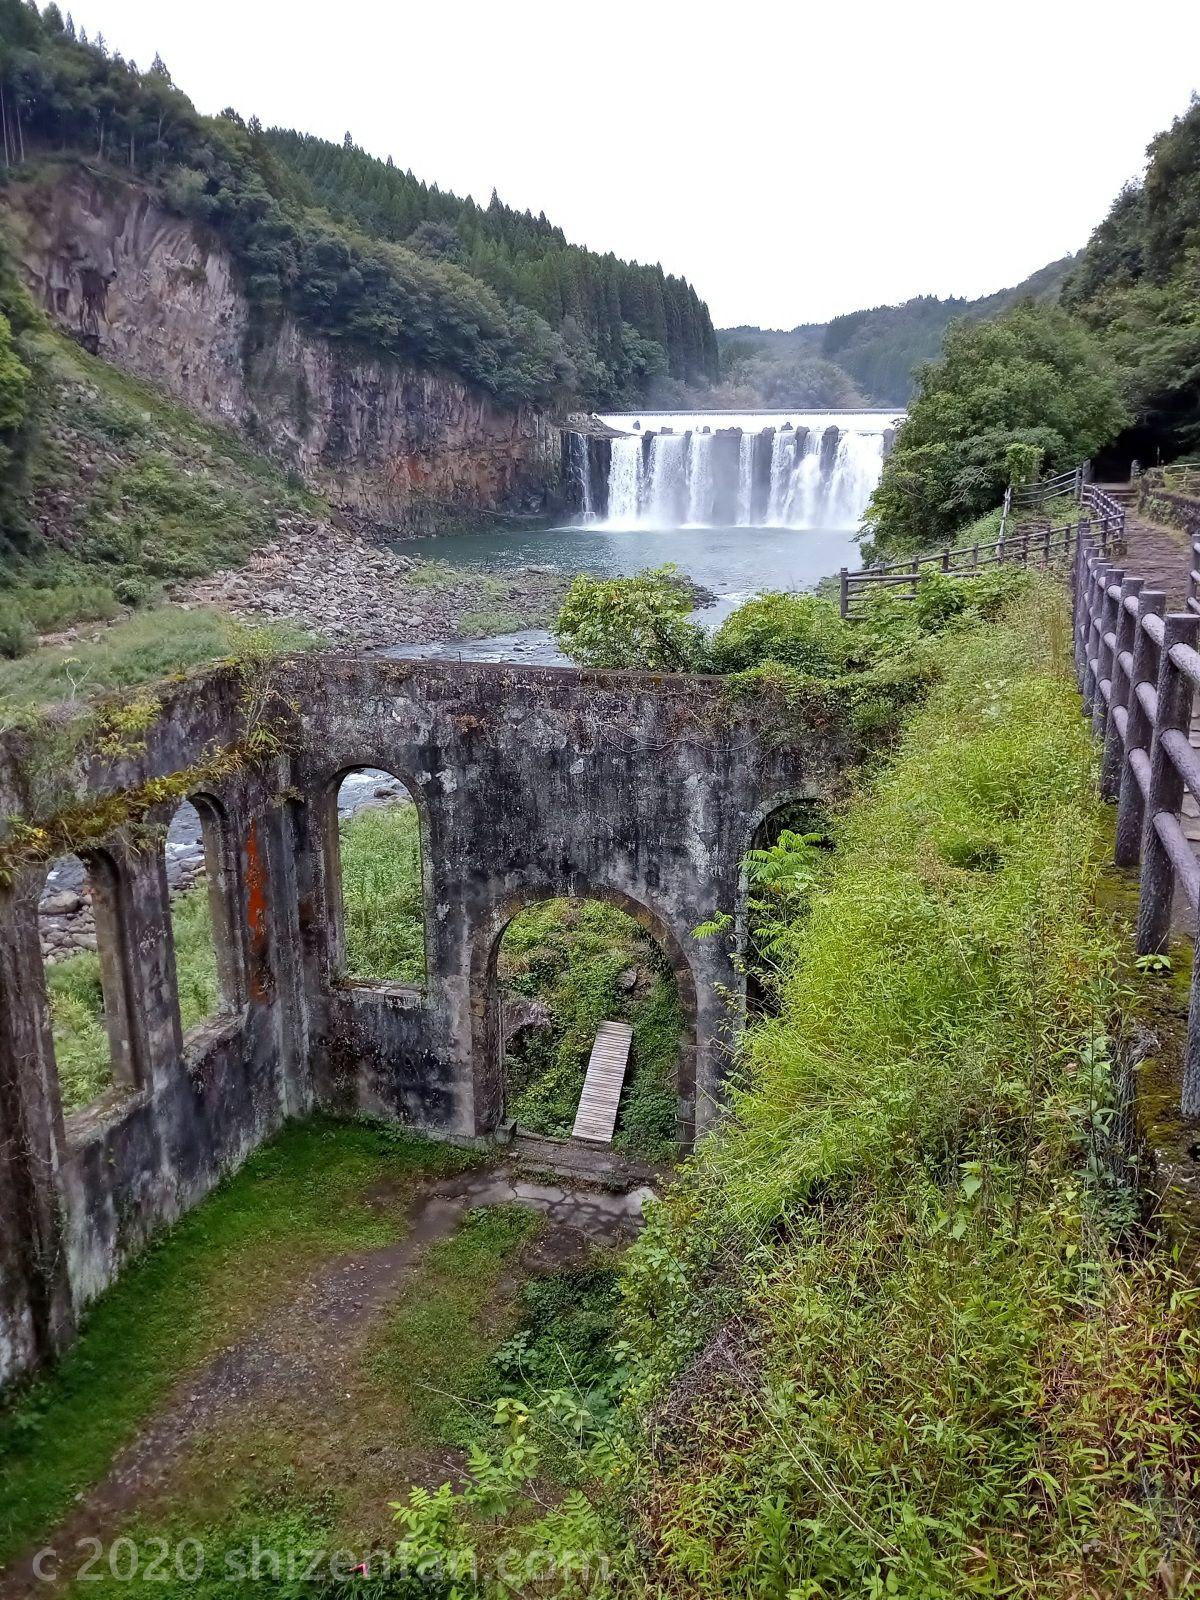 ちんだの滝ふれあい公園内 沈堕発電所跡と沈堕の滝